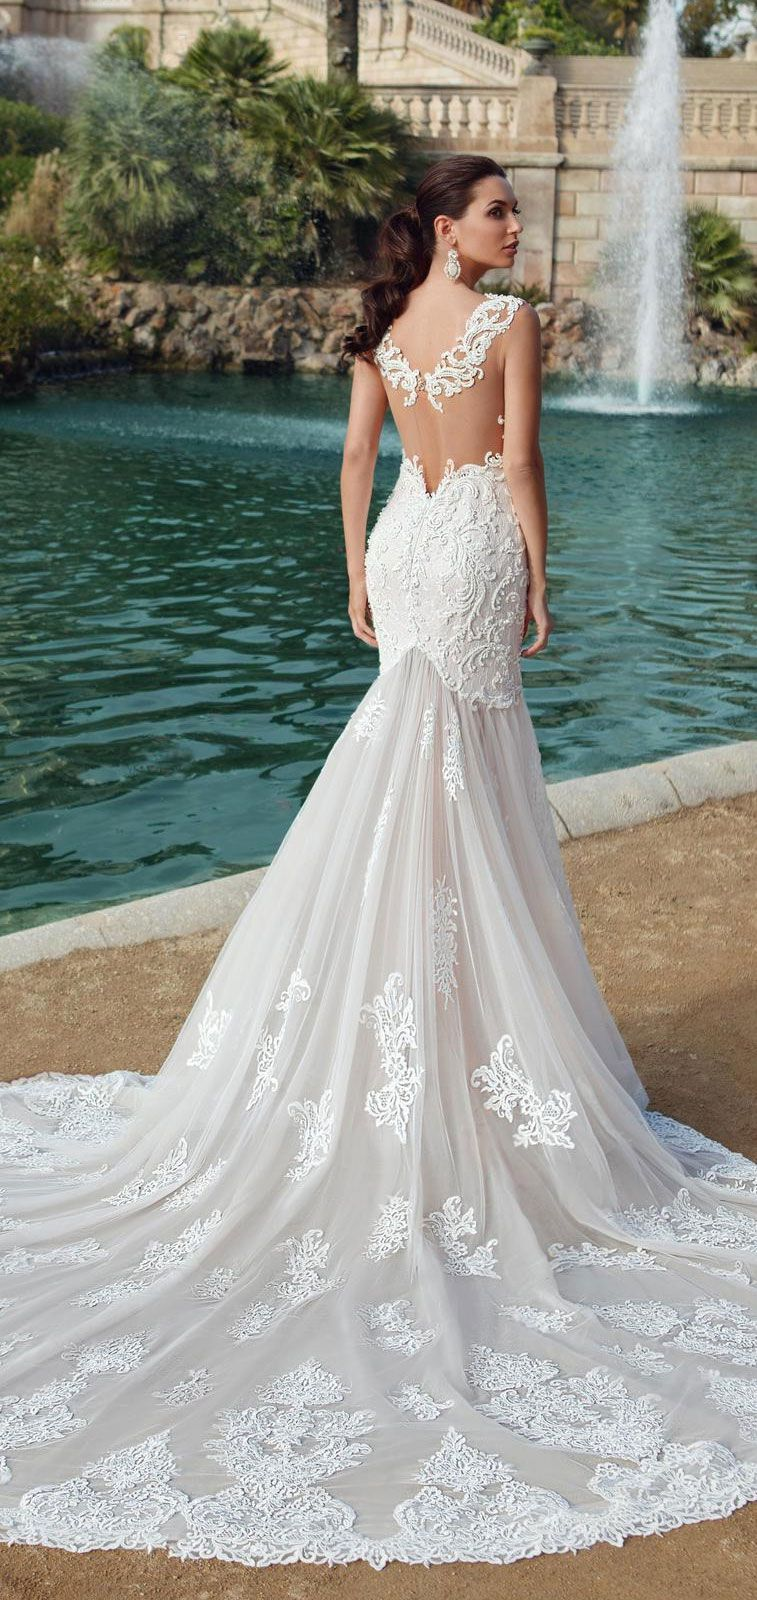 Mermaid dress wedding   The Best Mermaid Wedding Dresses  wedding dress mermaiddress